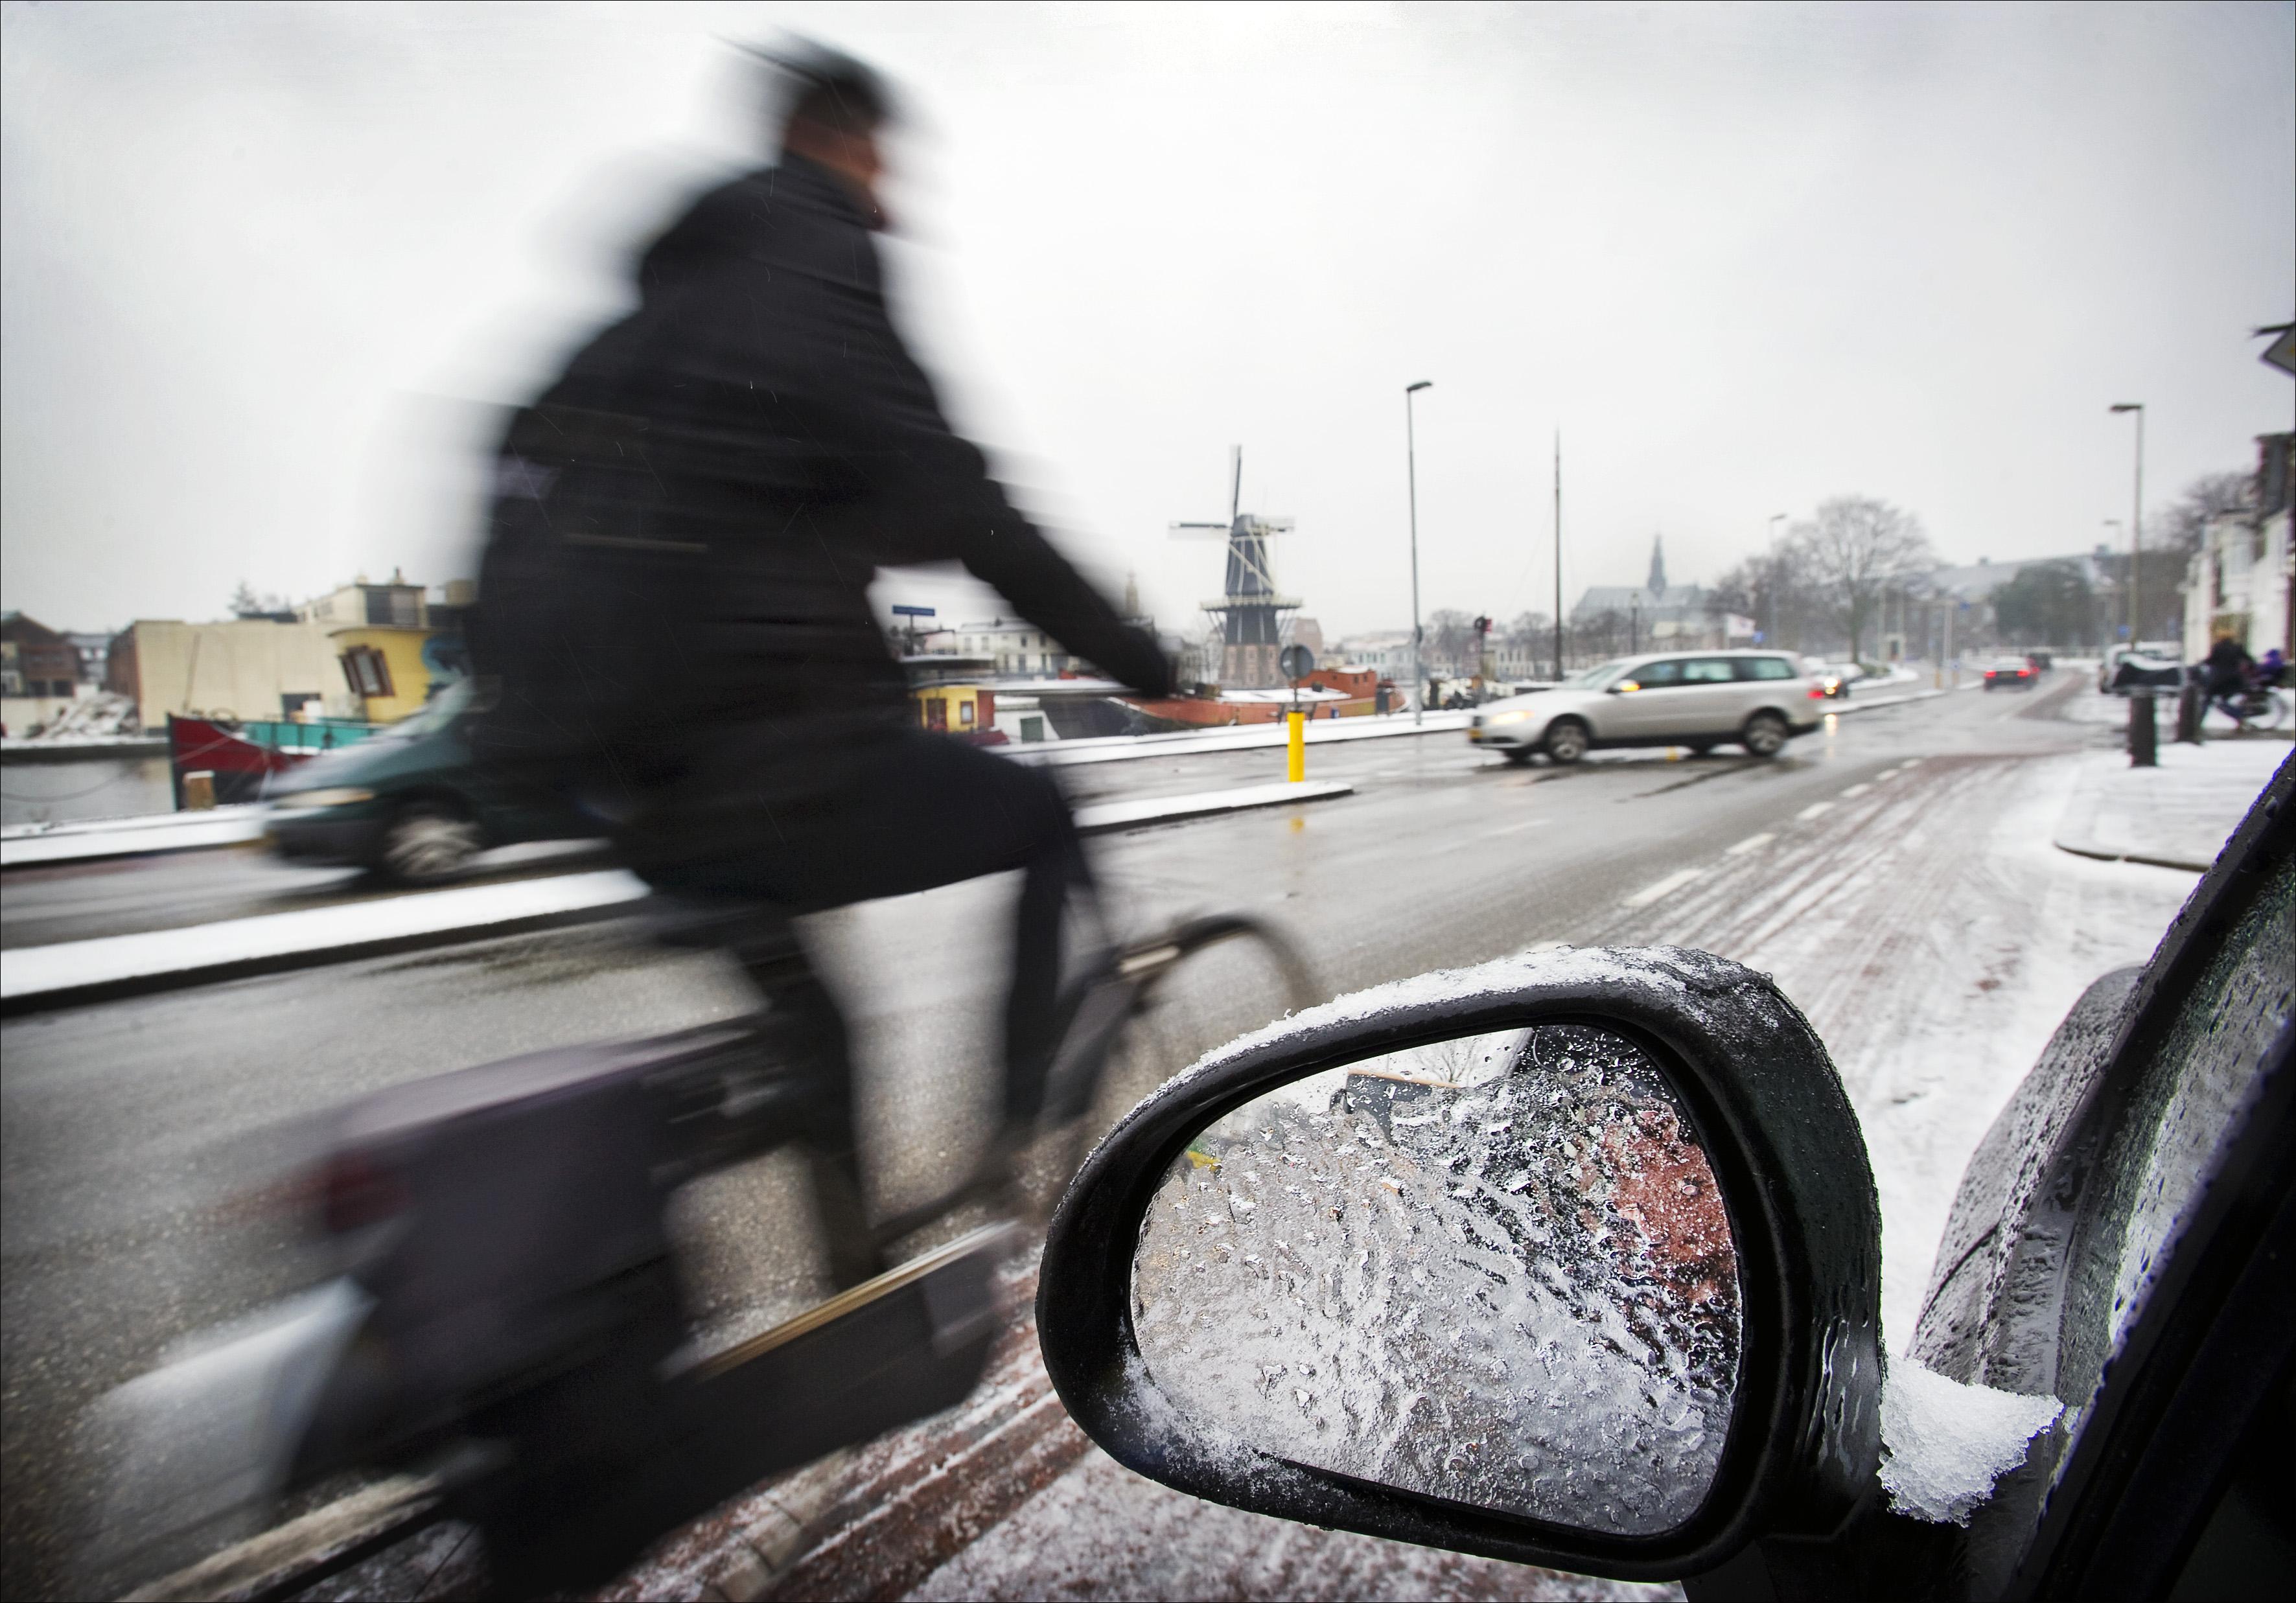 Zoutstrooiers wachten onderzoek schadelijke stoffen af: voorlopig gewoon strooien in Haarlem